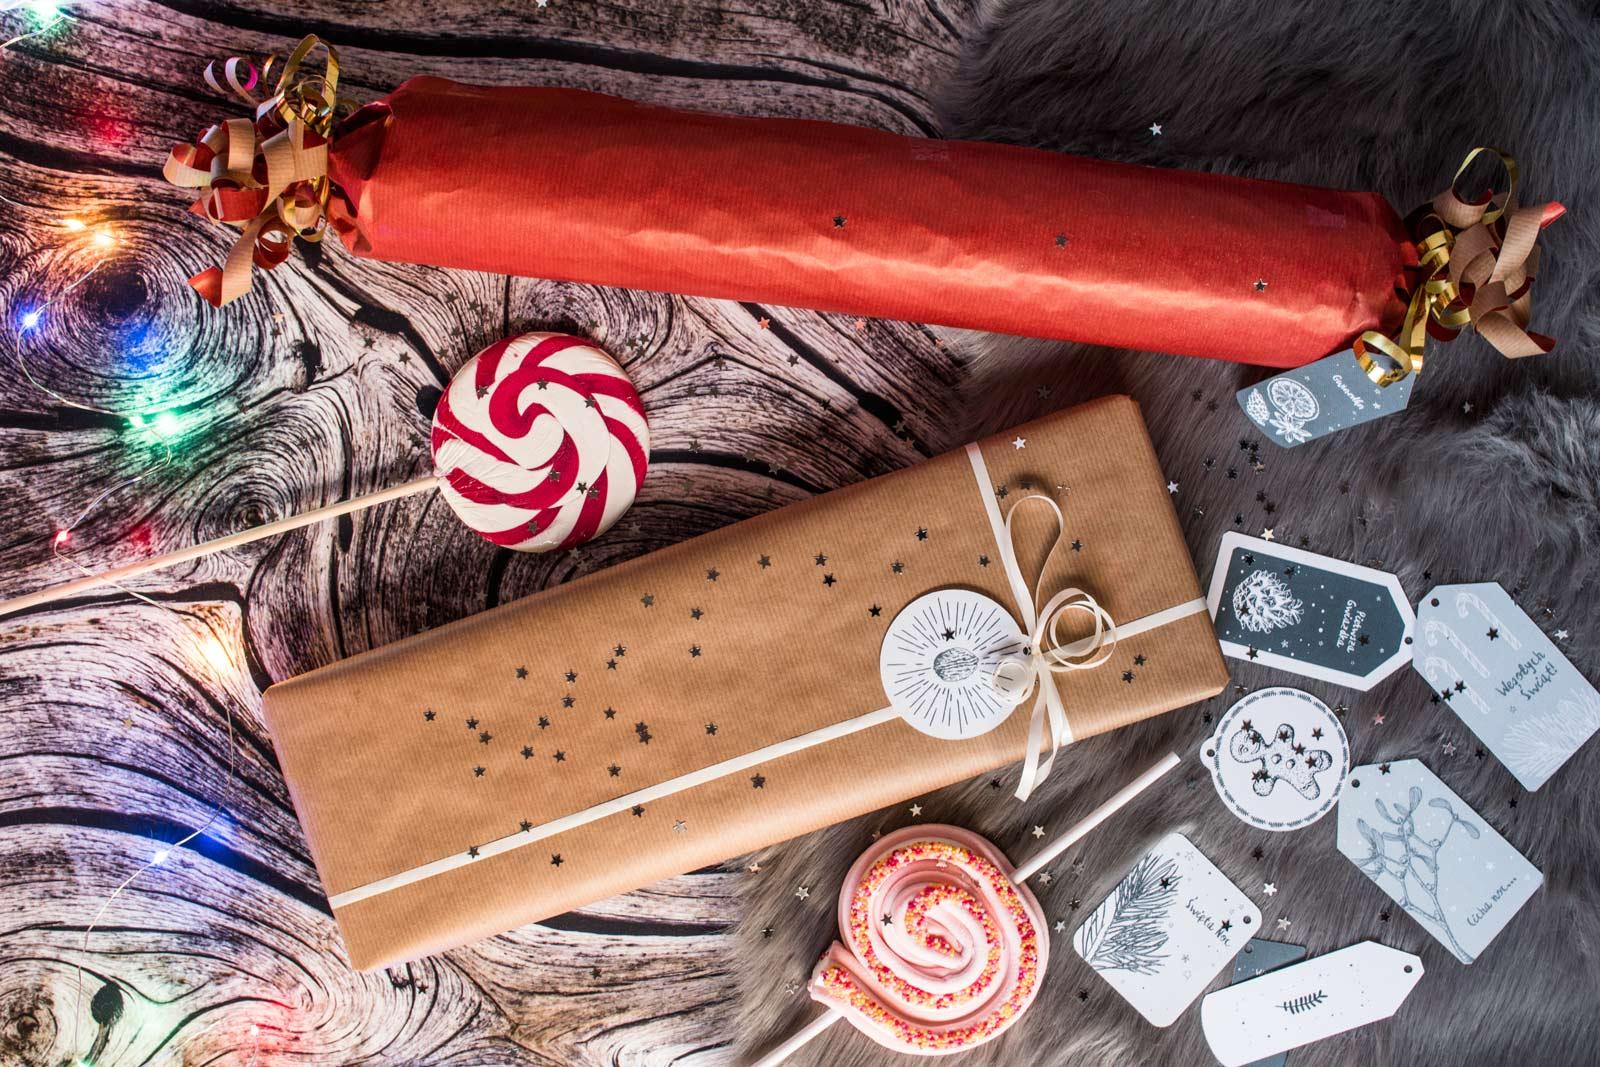 Etykiety do druku. Pobierz nasze etykiety i wydrukuj na swojej drukarce. Ciesz się z pięknych etykiet na Święta.